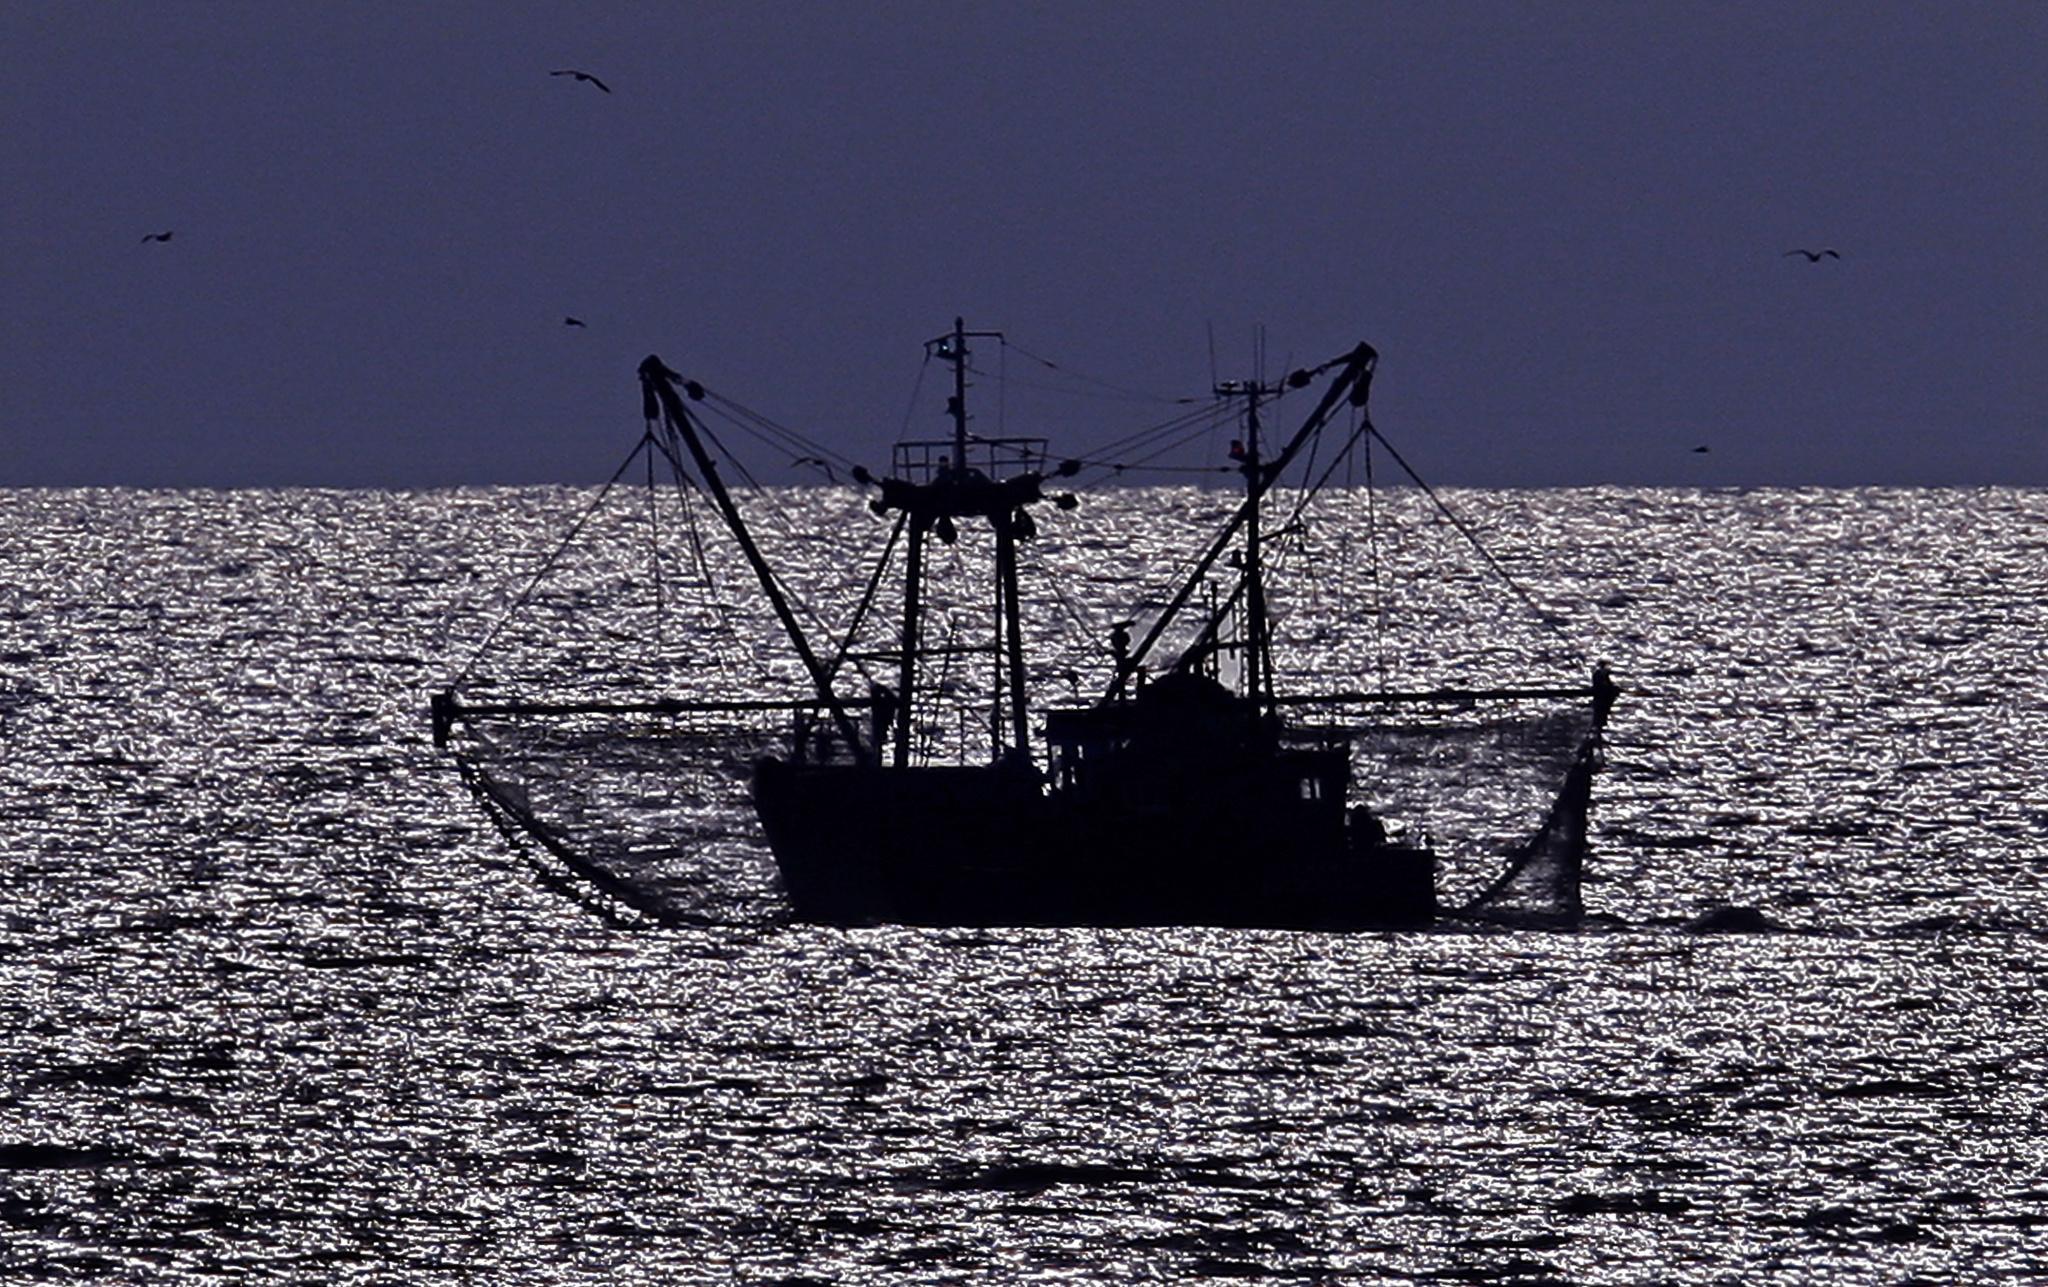 Visverwerkers willen meepraten over toekomst kottervisserij op Noordzee